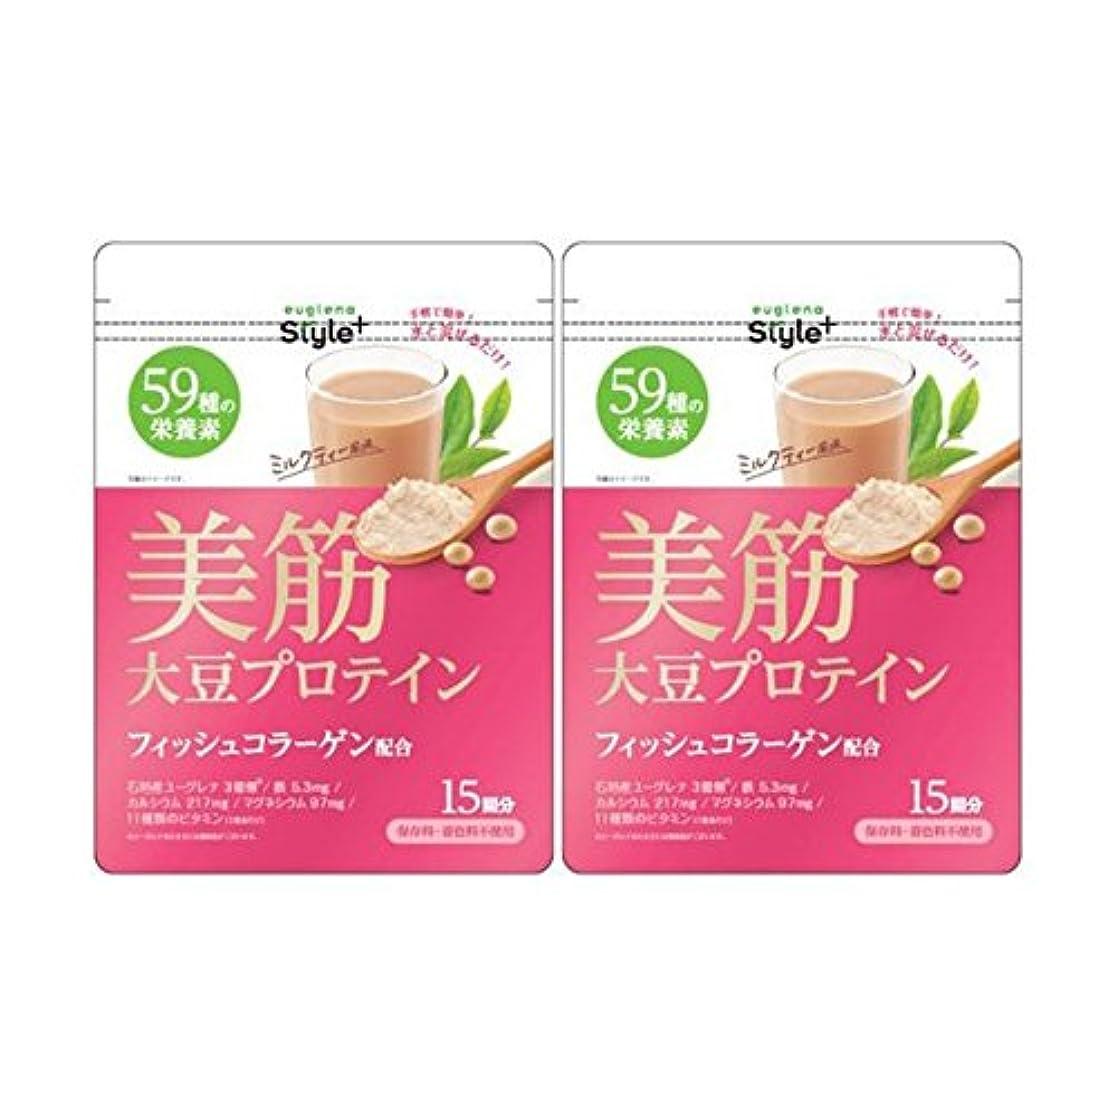 水分リング胸【2個セット】ユーグレナ 美筋 大豆プロテイン 180g